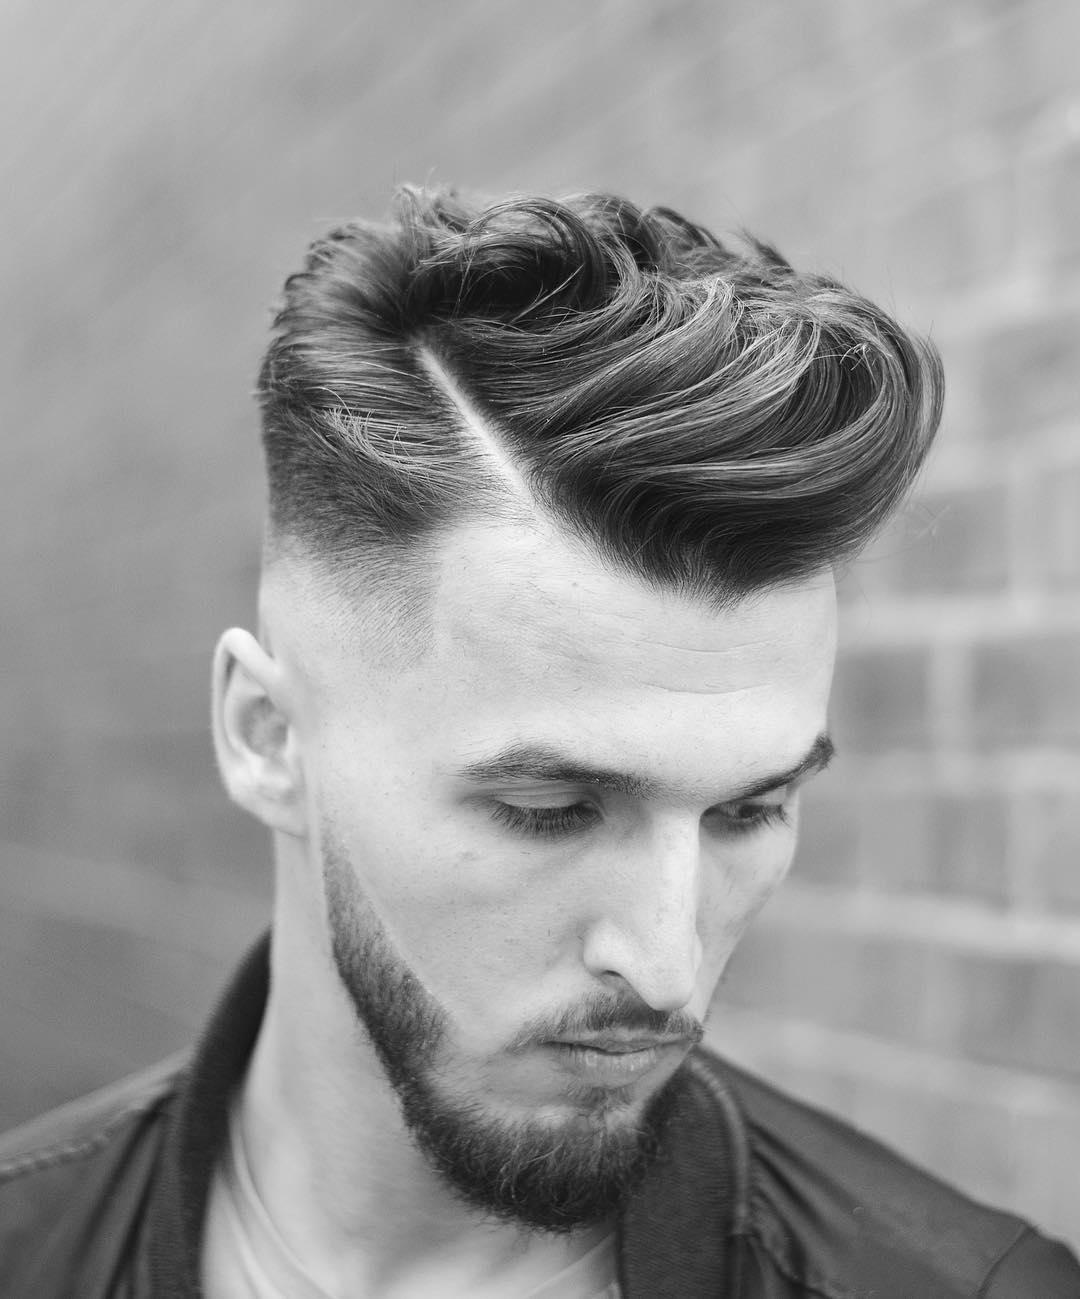 بالصور اجدد قصات الشعر للشباب , احدث صيحات الموضه لقصات الشعر 2084 6